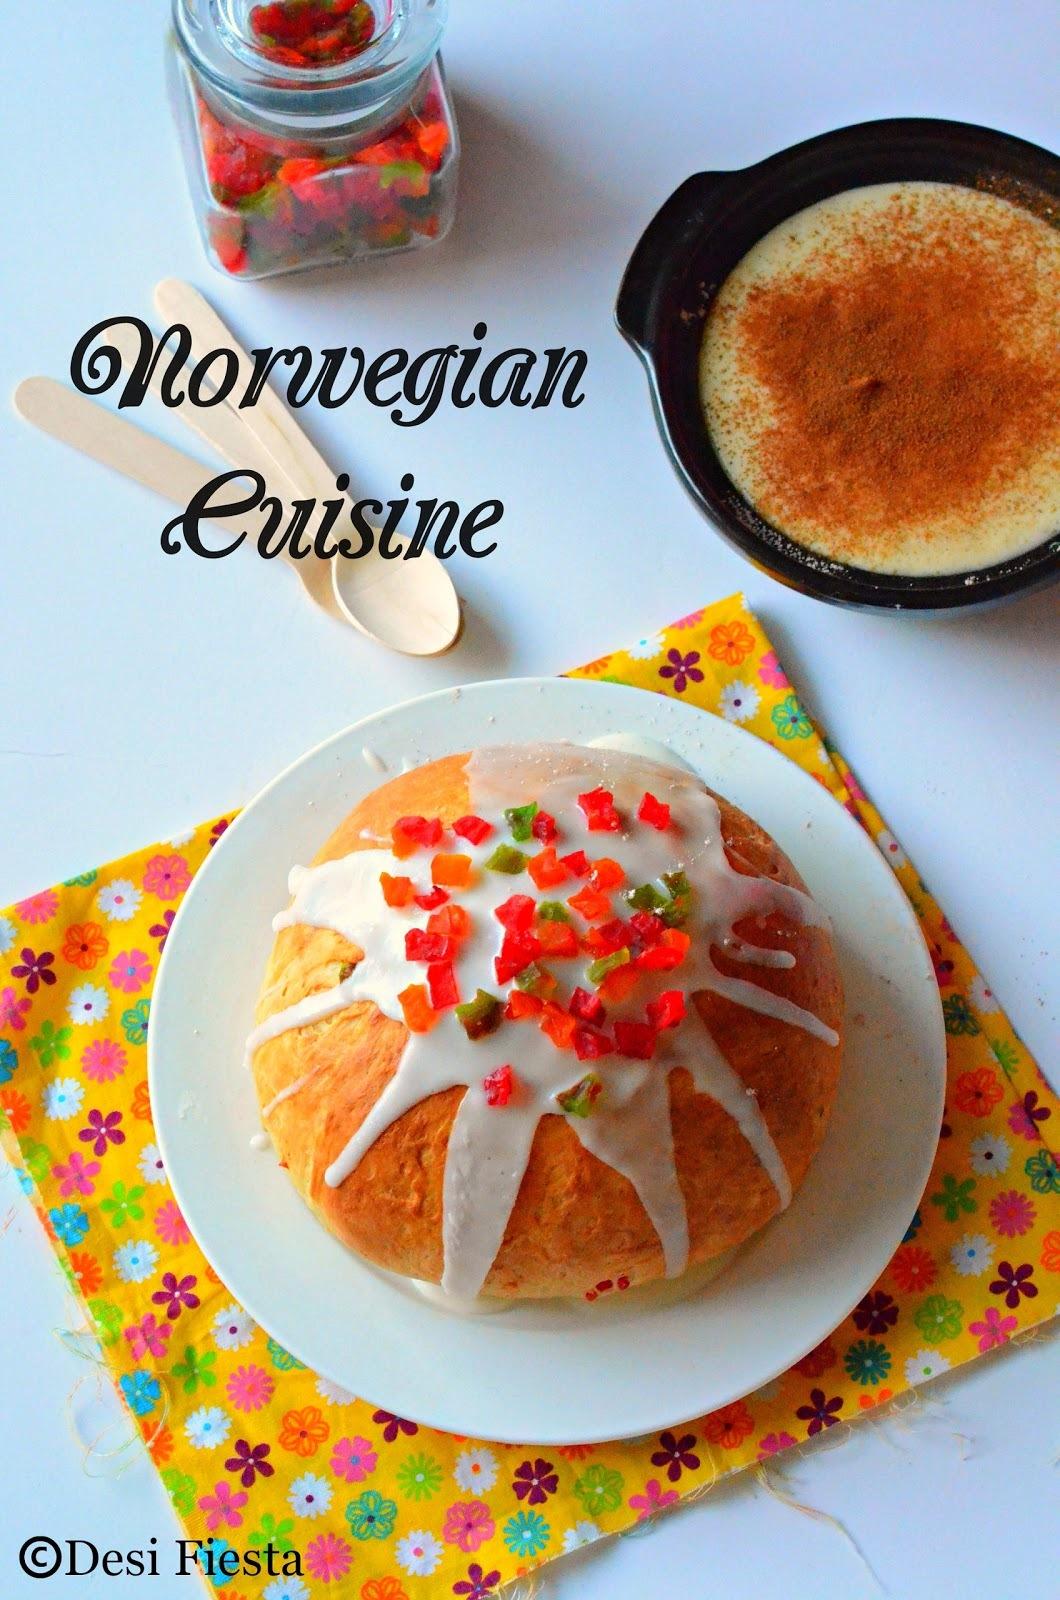 Julekage (Norwegian Christmas Fruit Bread) |Rommegrot (Norwegian Cream Pudding) ~ Norwegian Cuisine